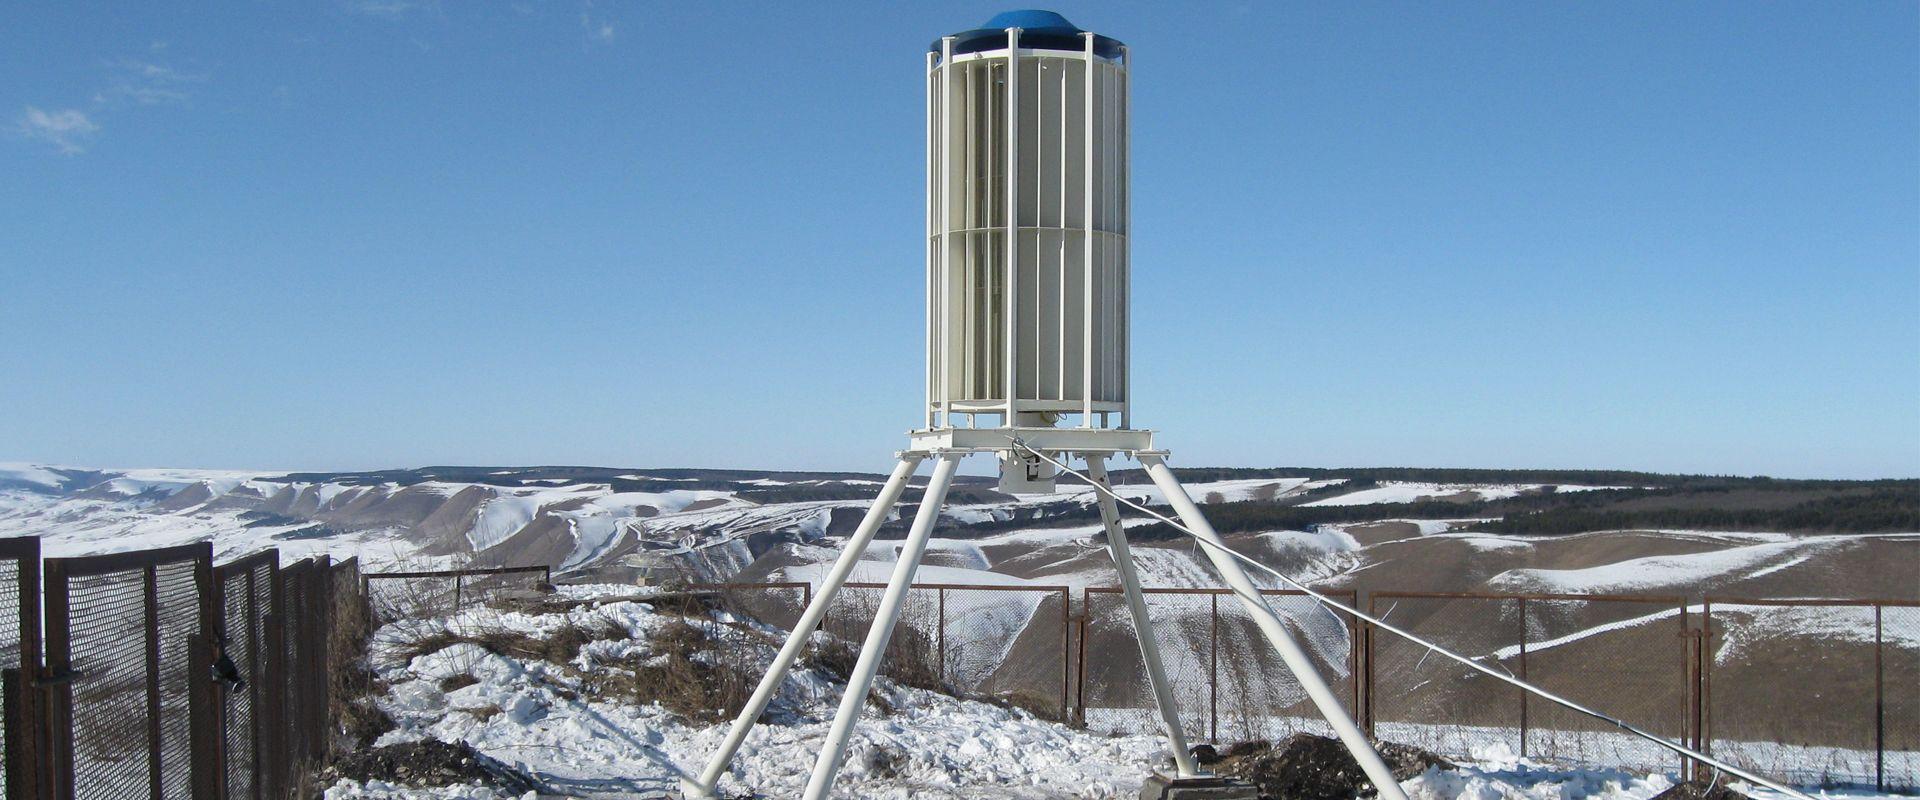 WINDEOL JSC ISTOK es un aerogenerador de eje vertical destinado a la producción de energía eléctrica mediante el aprovechamiento de la energía eólica